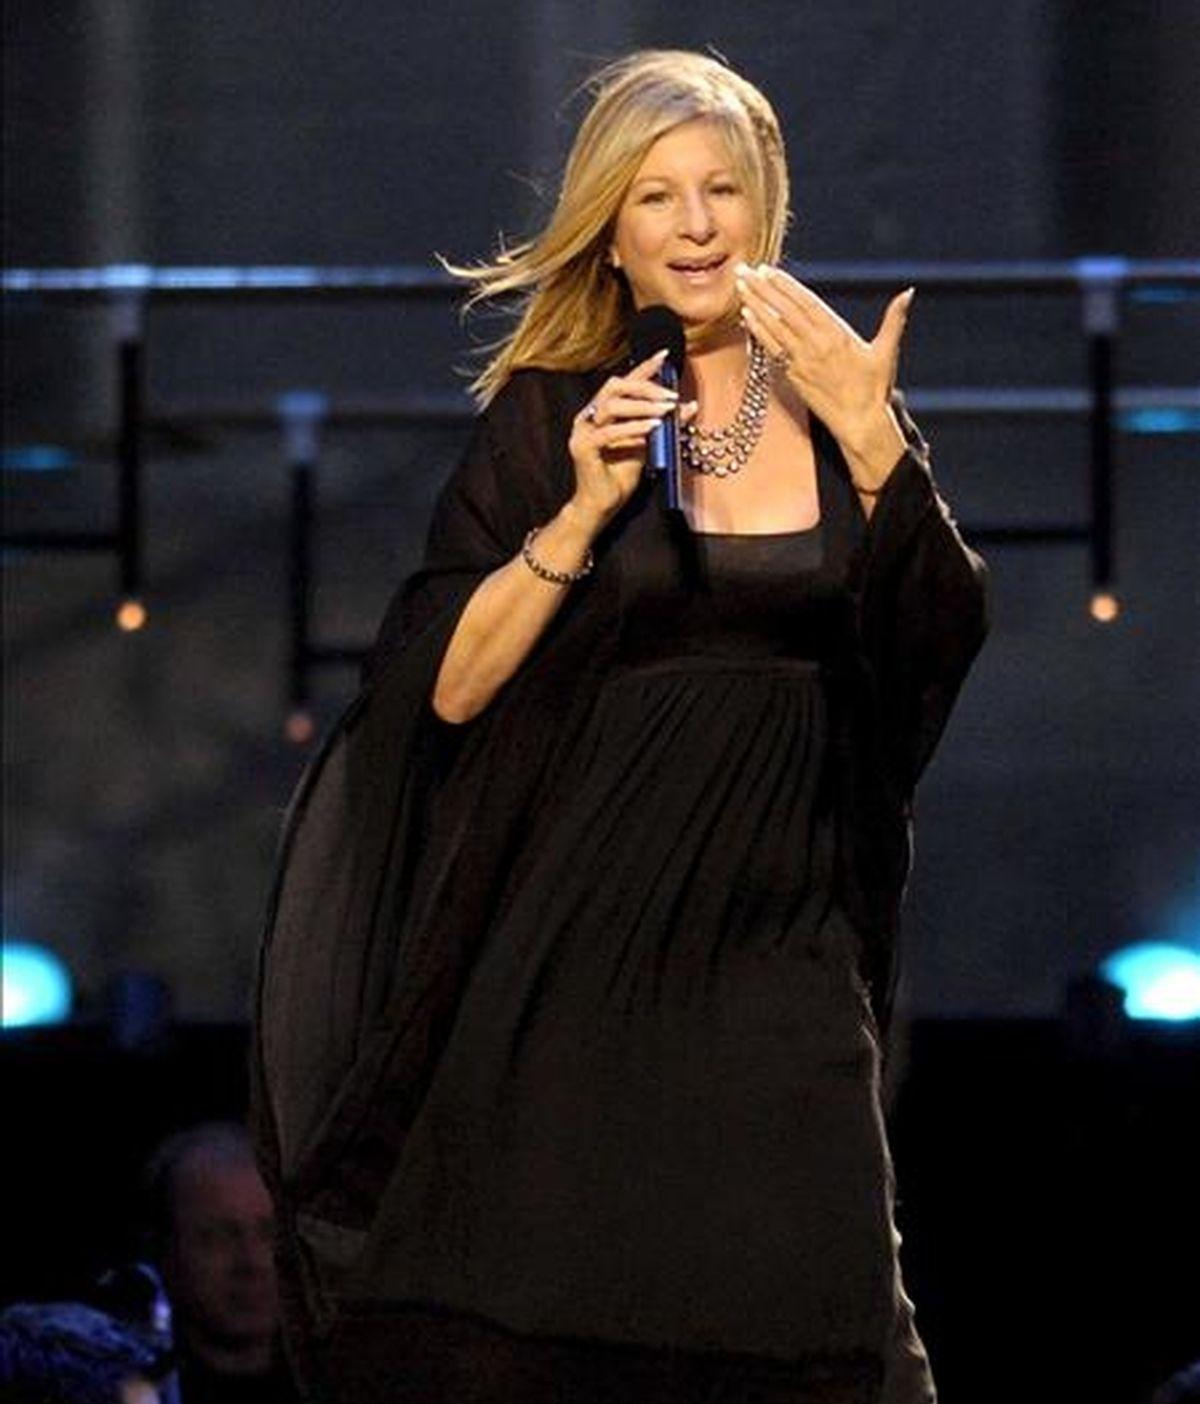 La cantante y actriz estadounidense Barbara Streisand, interpreta uno de sus temas, durante un concierto ofrecido en frente del Schloss Schoenbrunn en Viena (Austria), en 2007 EFE/Archivo